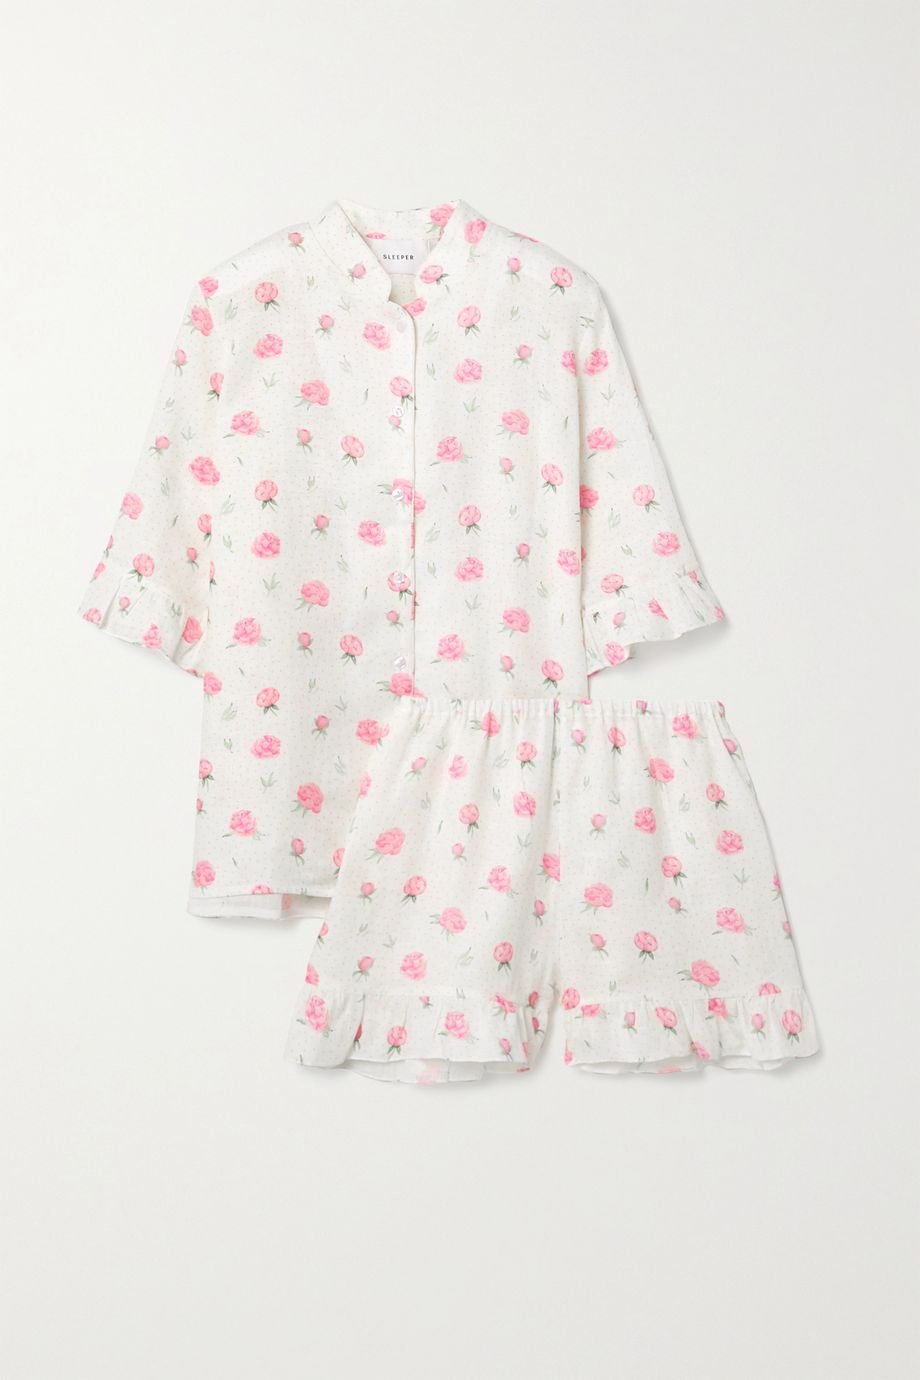 Sleeper 花卉印花亚麻睡衣套装